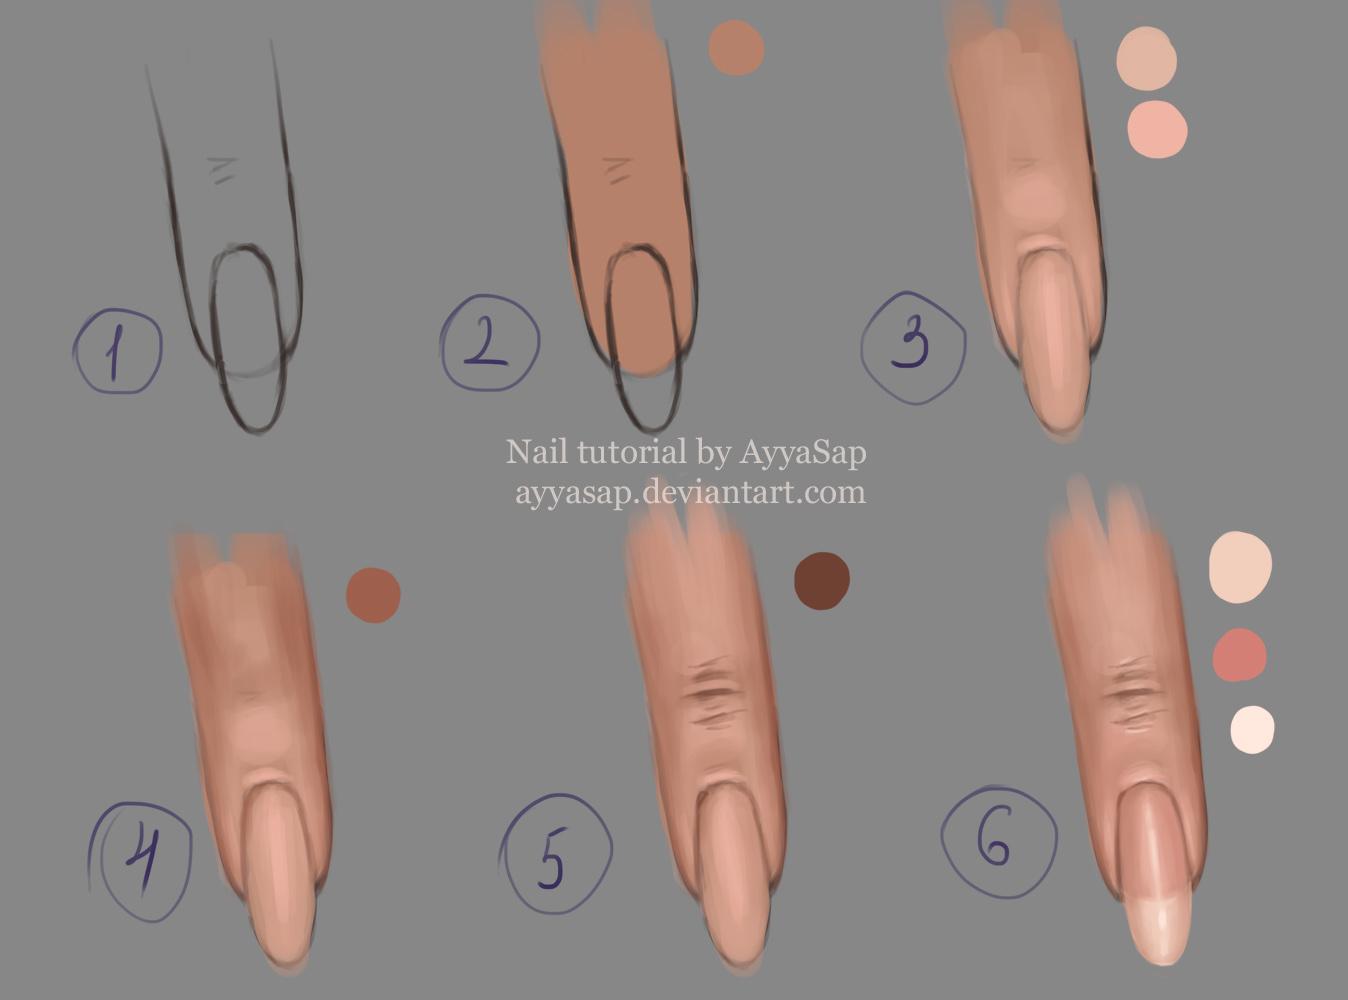 Nail Tutorial by AyyaSap